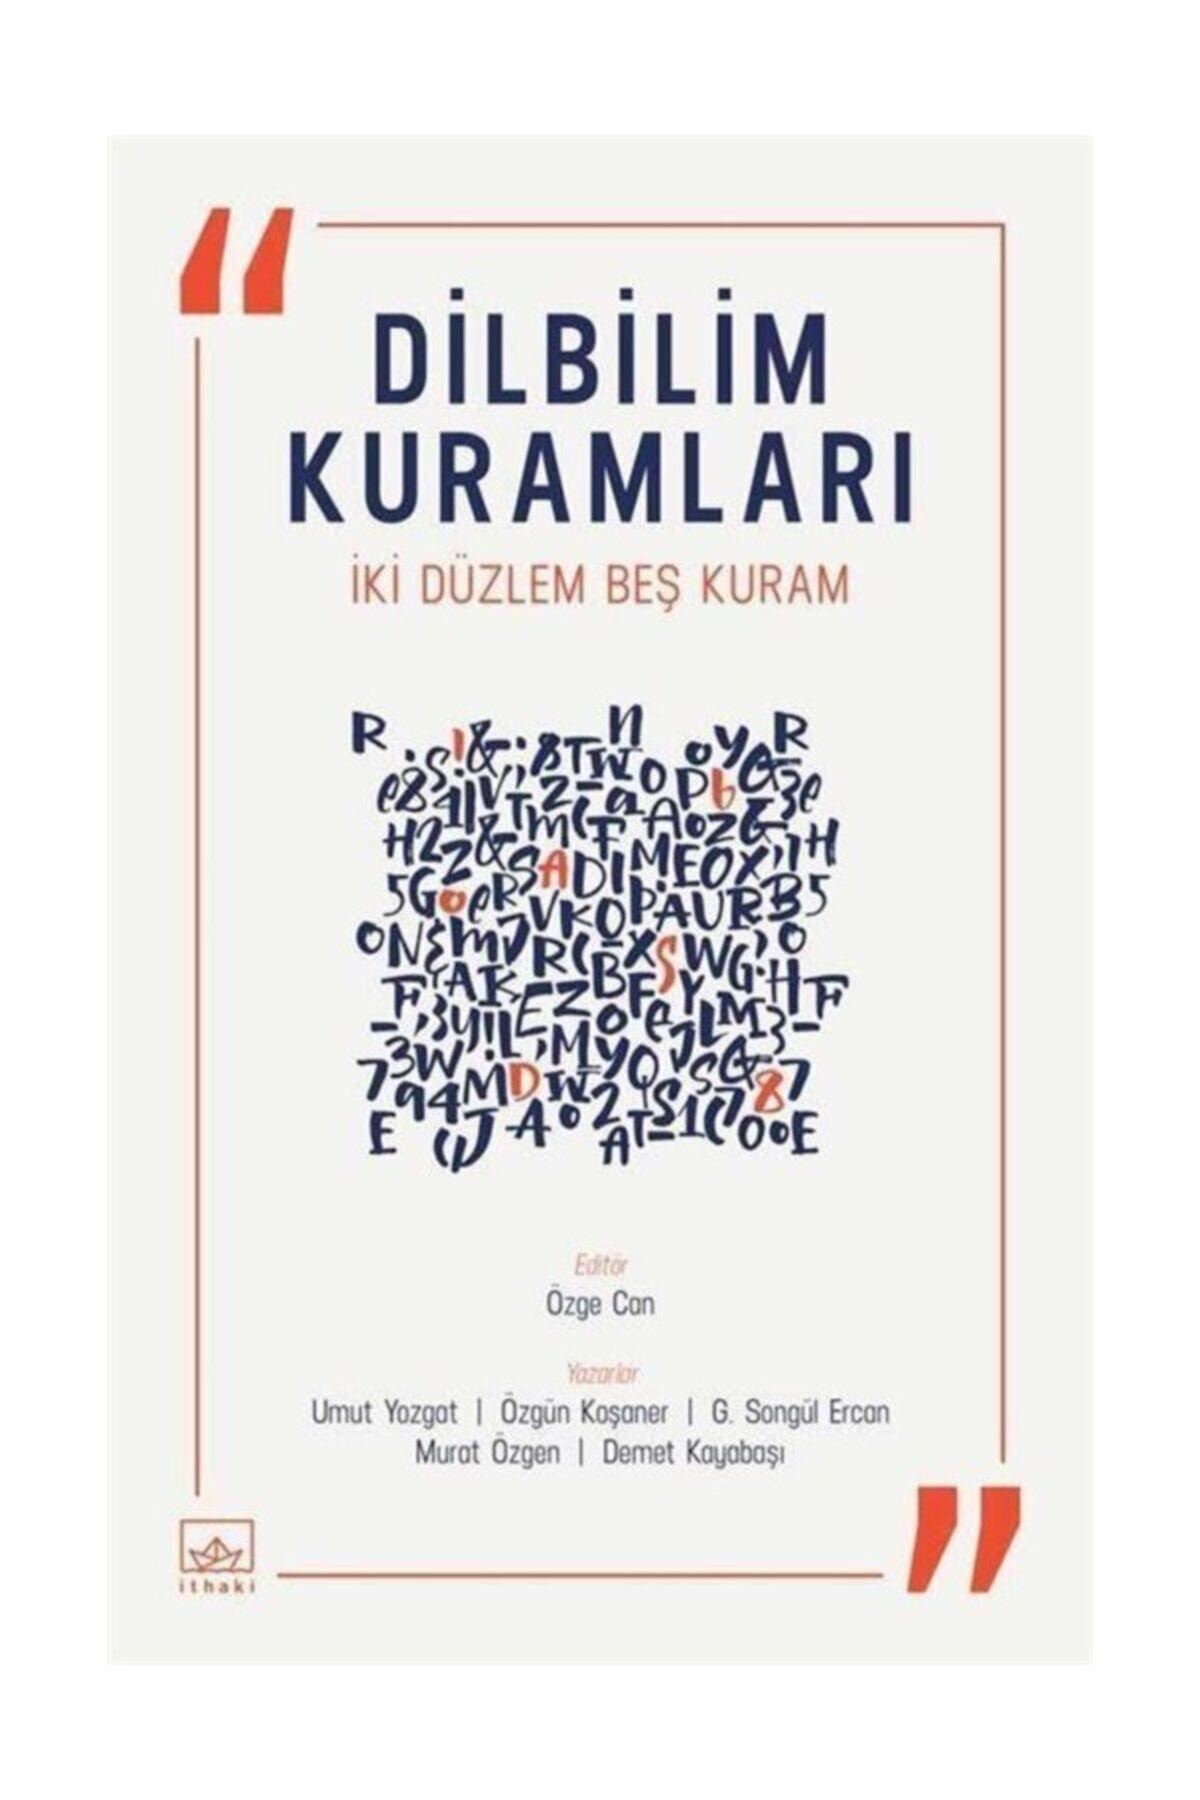 İthaki Yayınları Dilbilim Kuramları & Iki Düzlem Beş Kuram 1